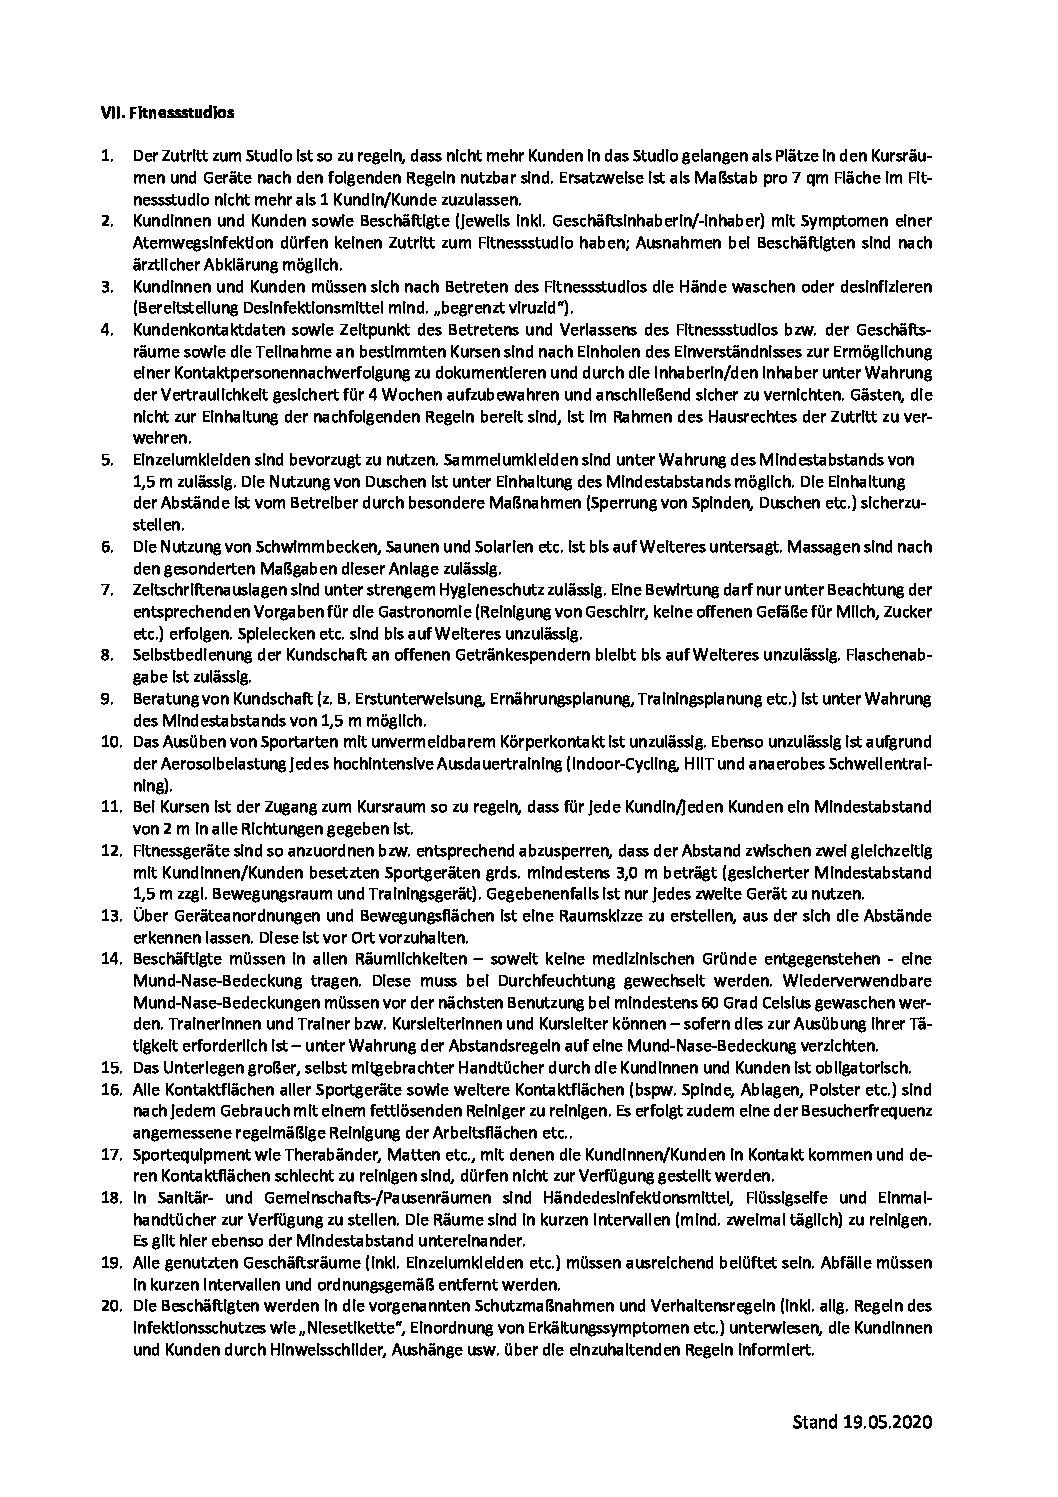 crossfit-mit-schmackes-hygiene-gesetzestext-land-nrw